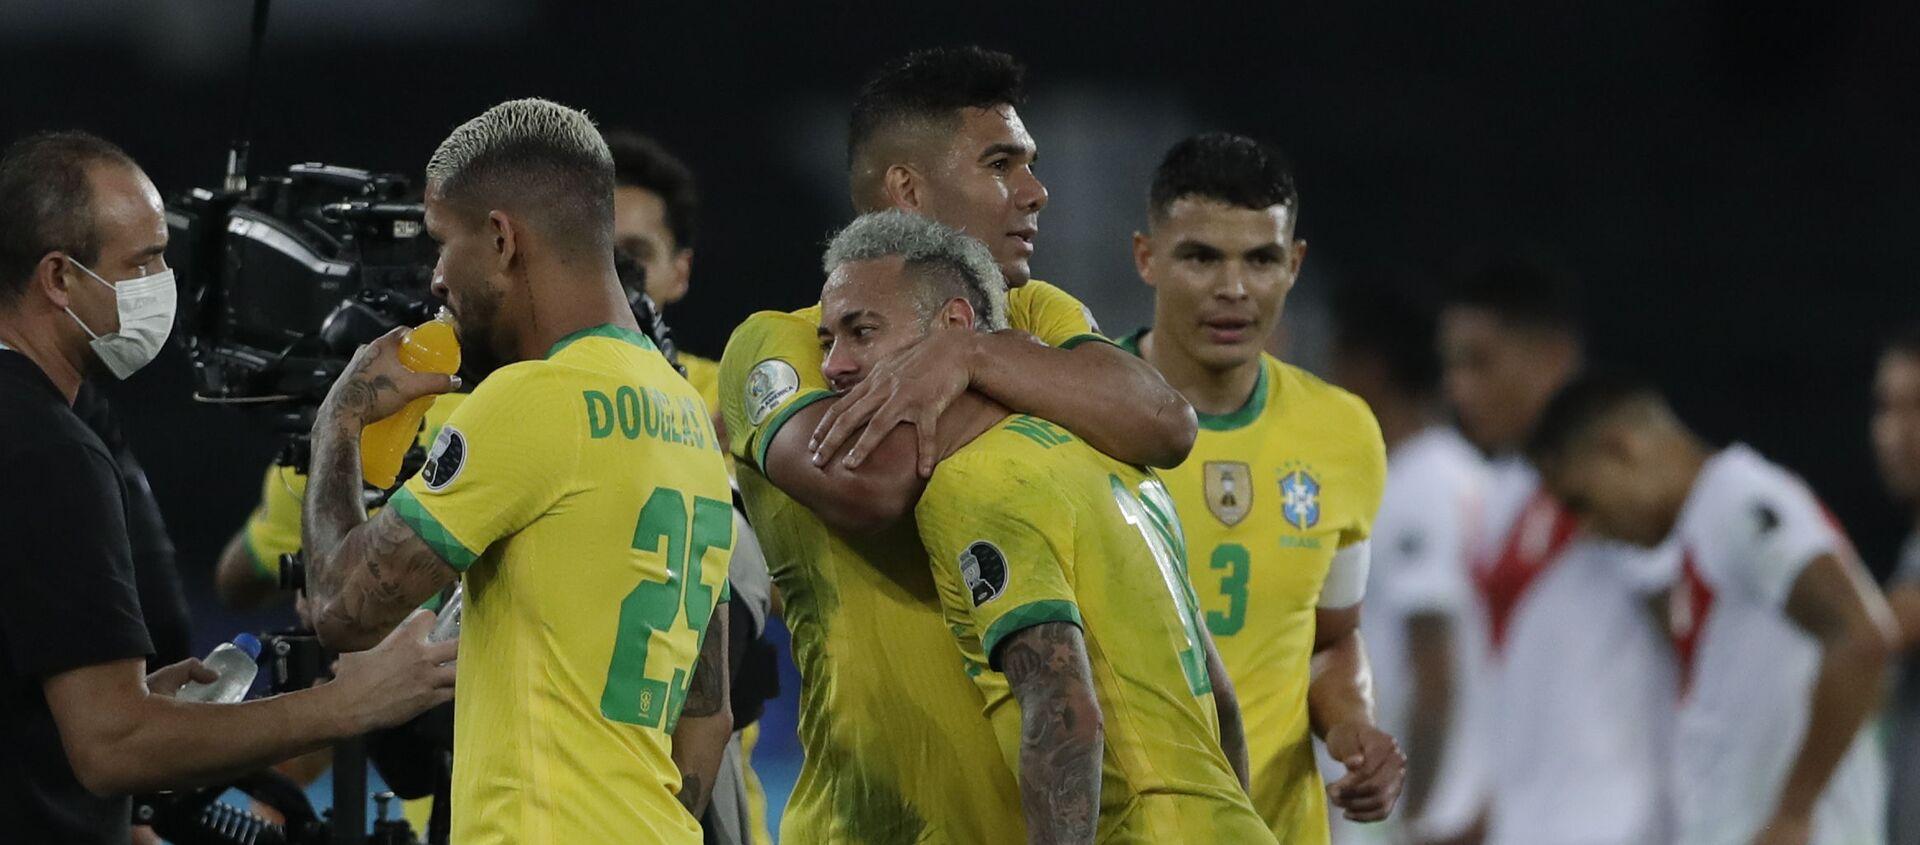 Фудбалери Бразила прослављају победу над Перуом у полуфиналу Копа Америке - Sputnik Србија, 1920, 06.07.2021